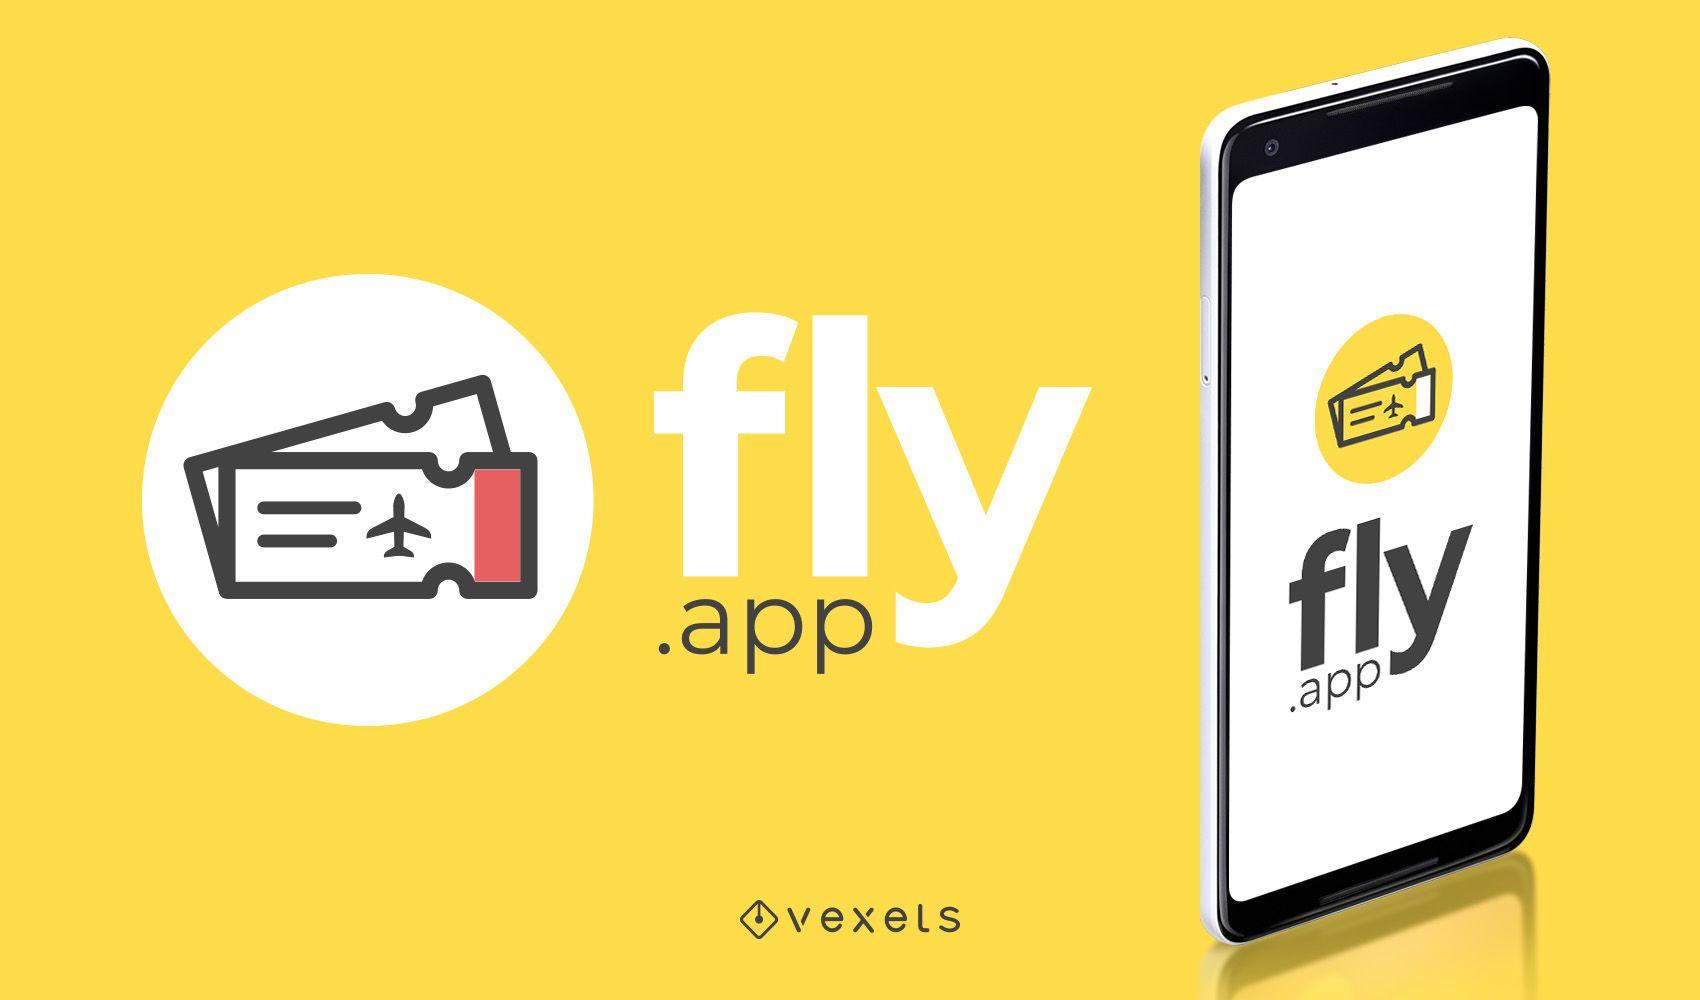 Fly app travel logo design